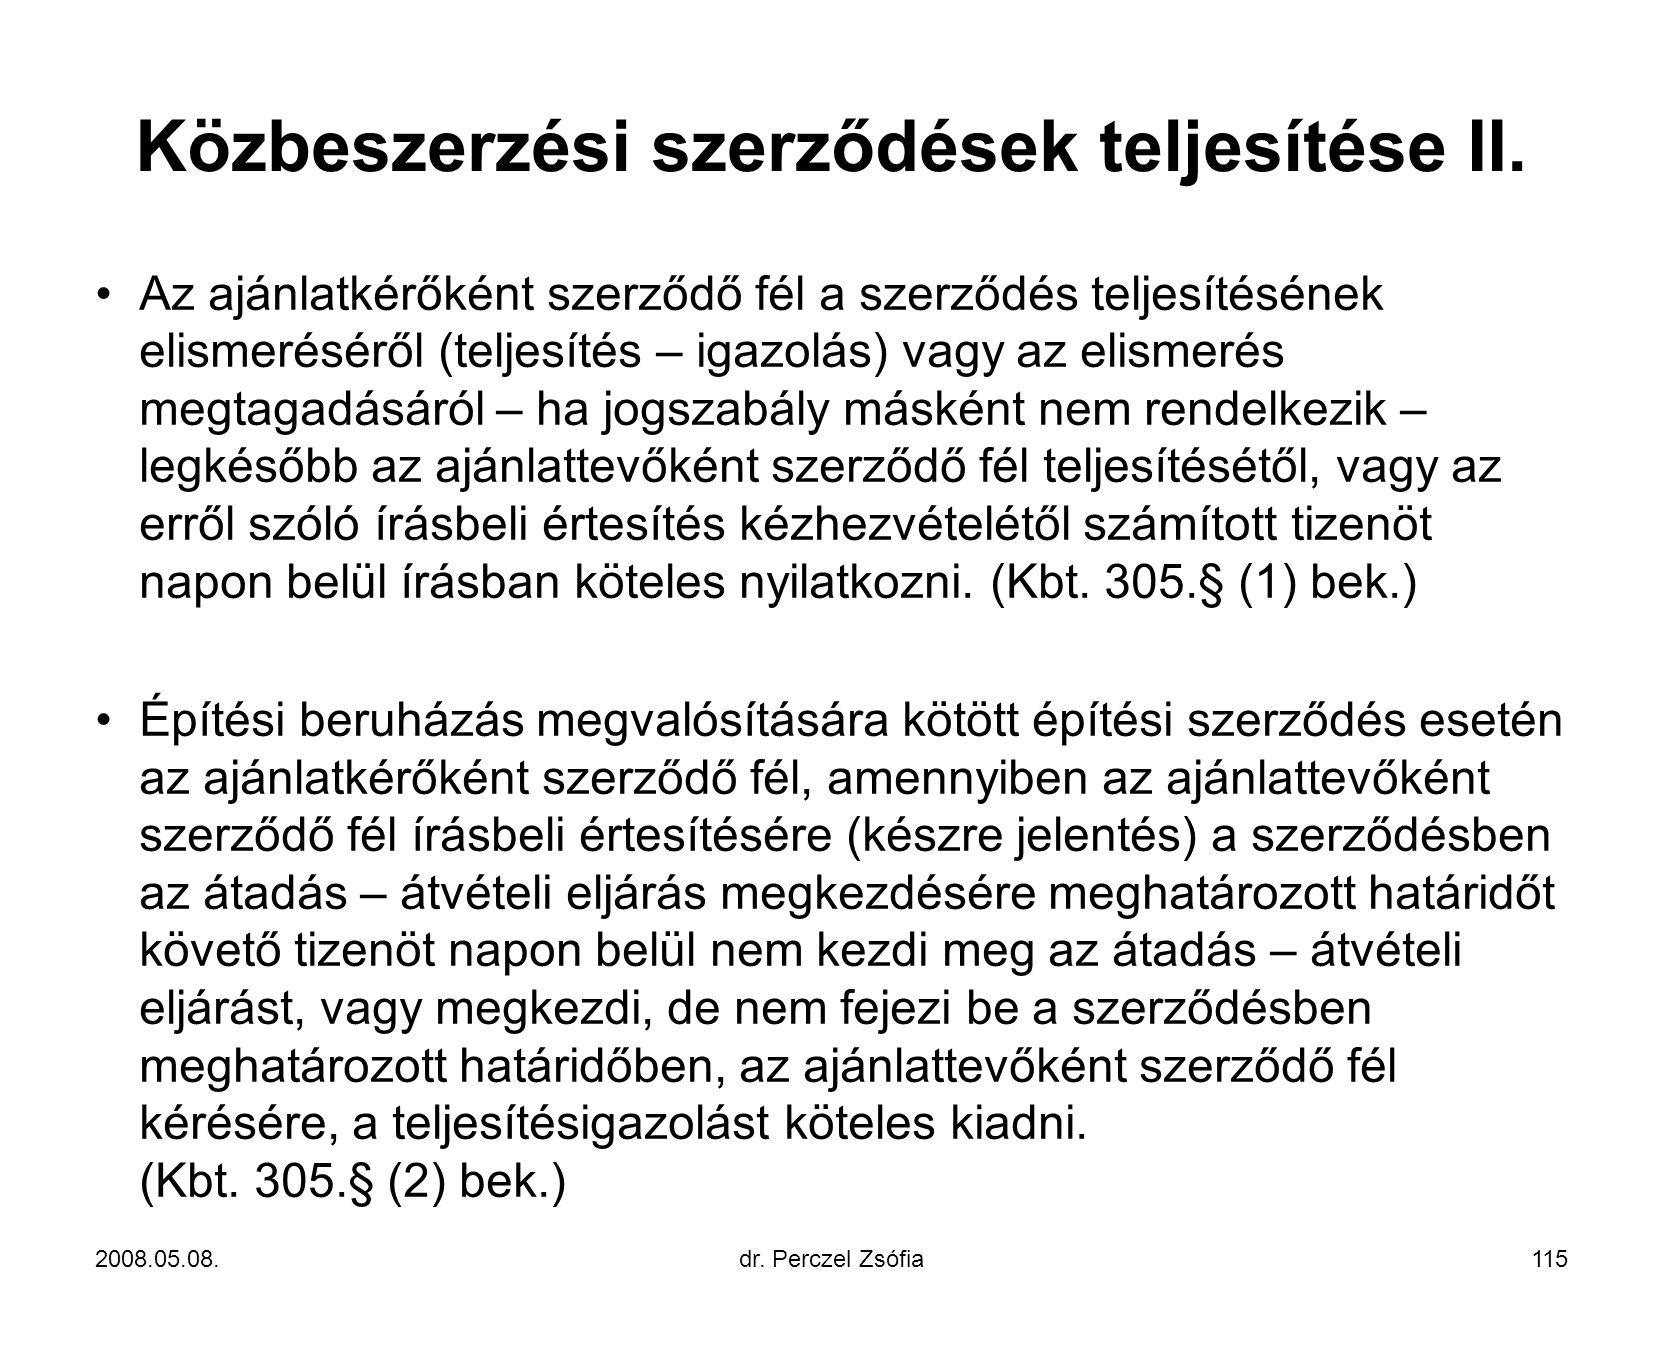 Közbeszerzési szerződések teljesítése II.